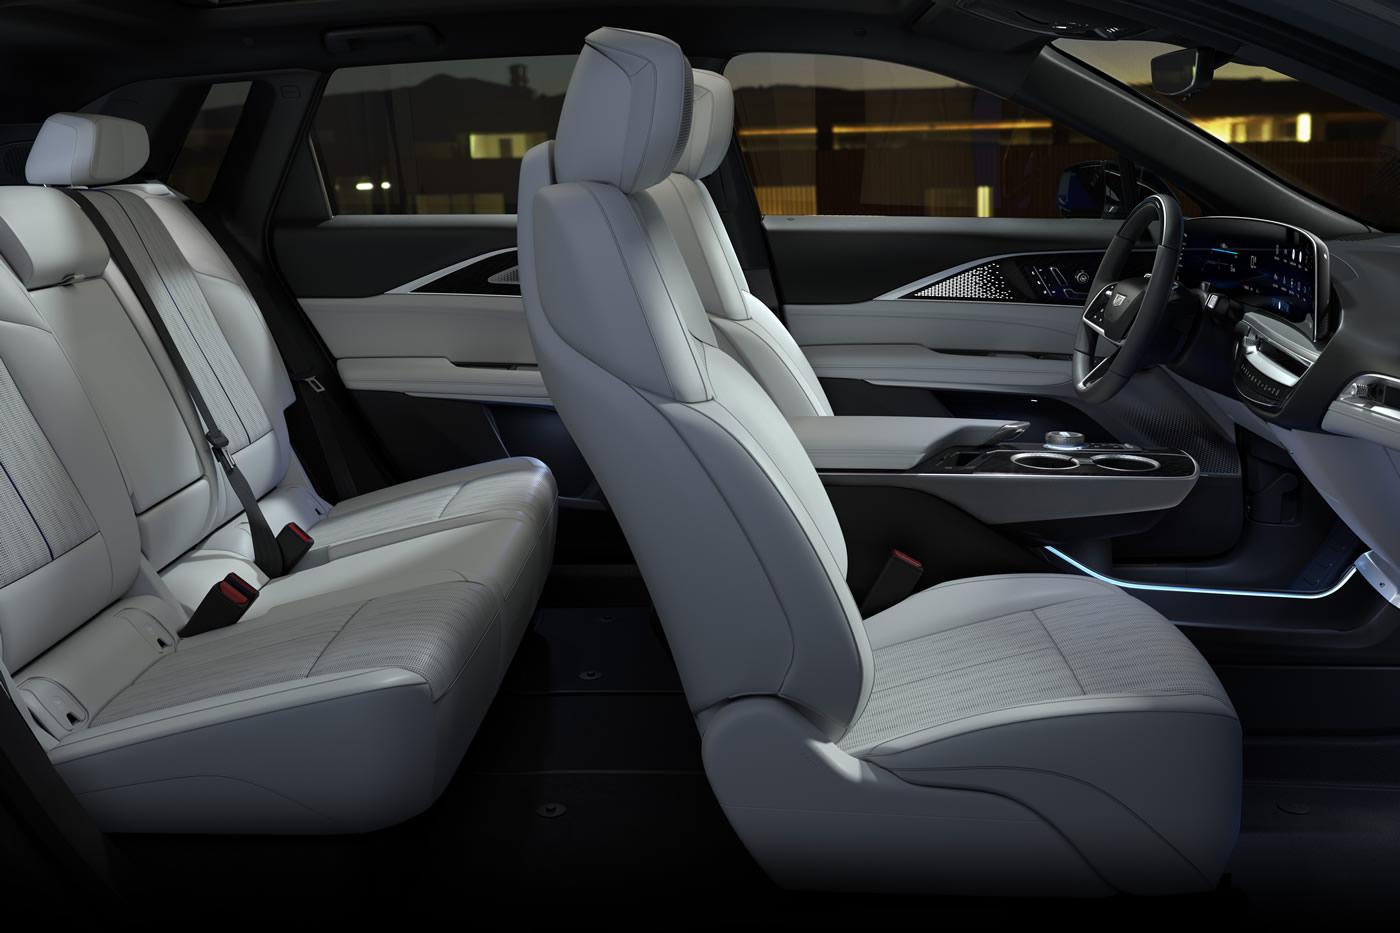 2023-Cadillac-LYRIQ-021.jpg